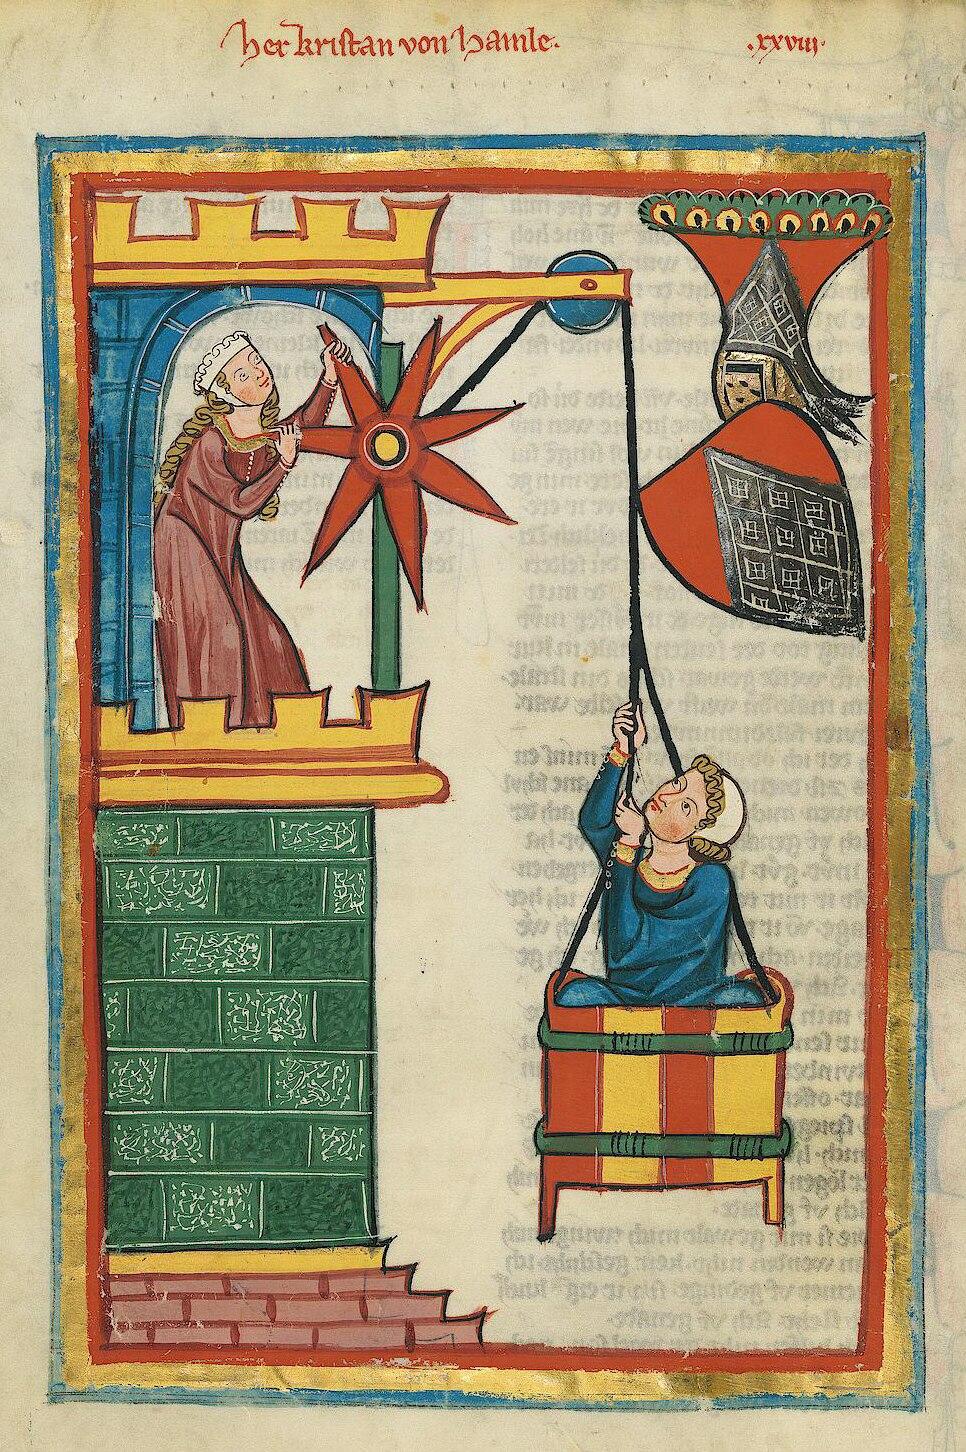 Codex Manesse 071v Kristan von Hamle